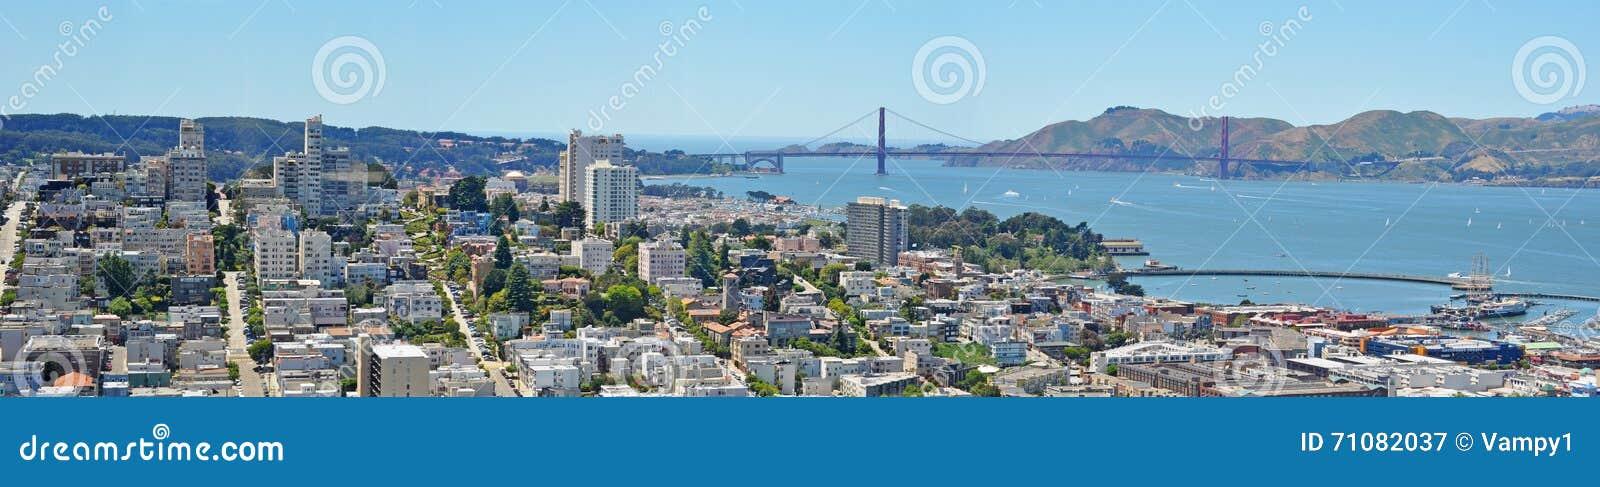 San Francisco, la Californie, Etats-Unis d Amérique, Etats-Unis